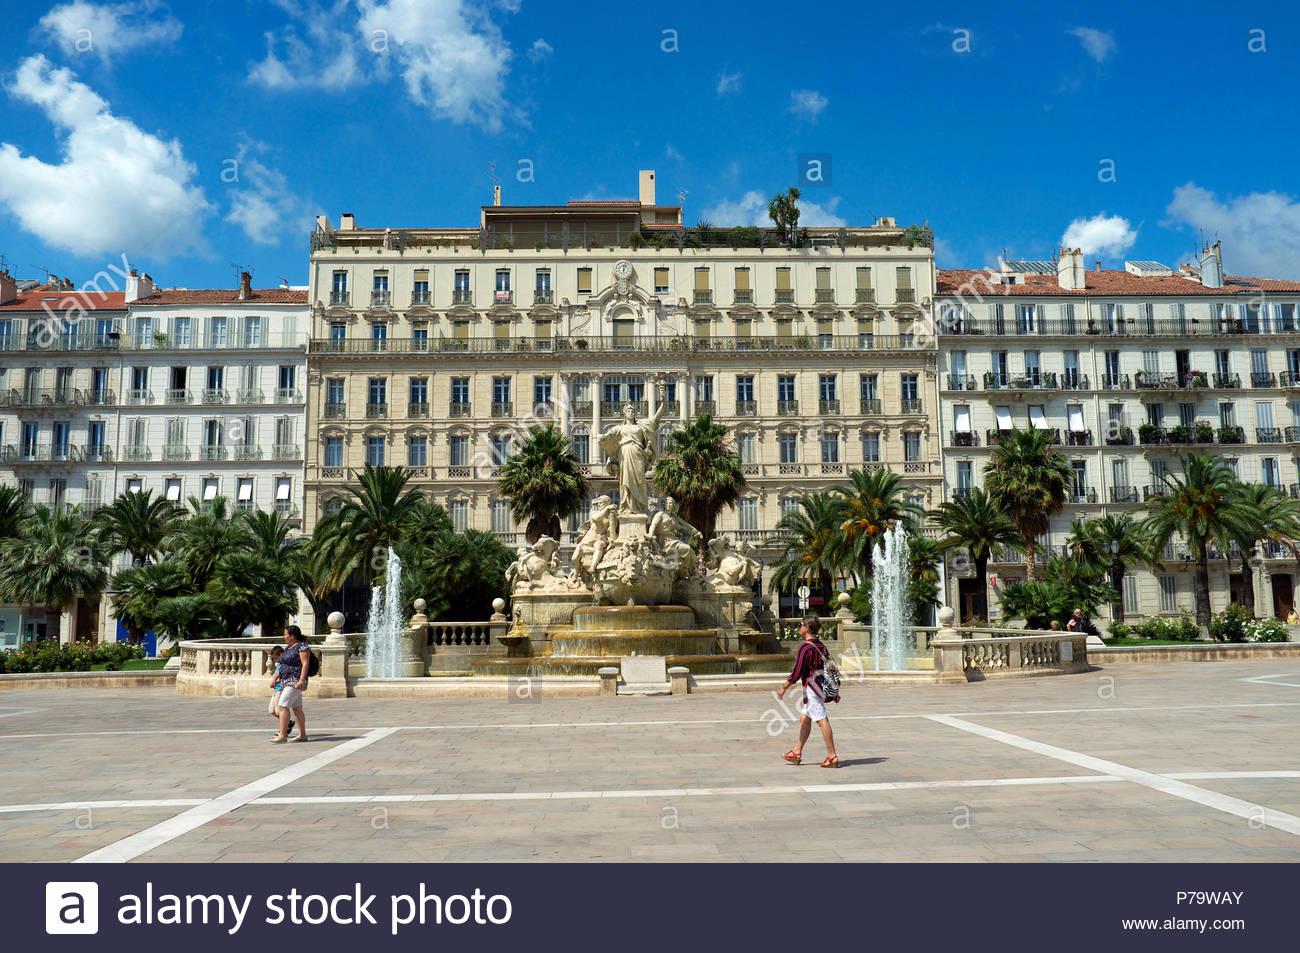 Grand Hotel De La Gare In Toulon In The Var Department